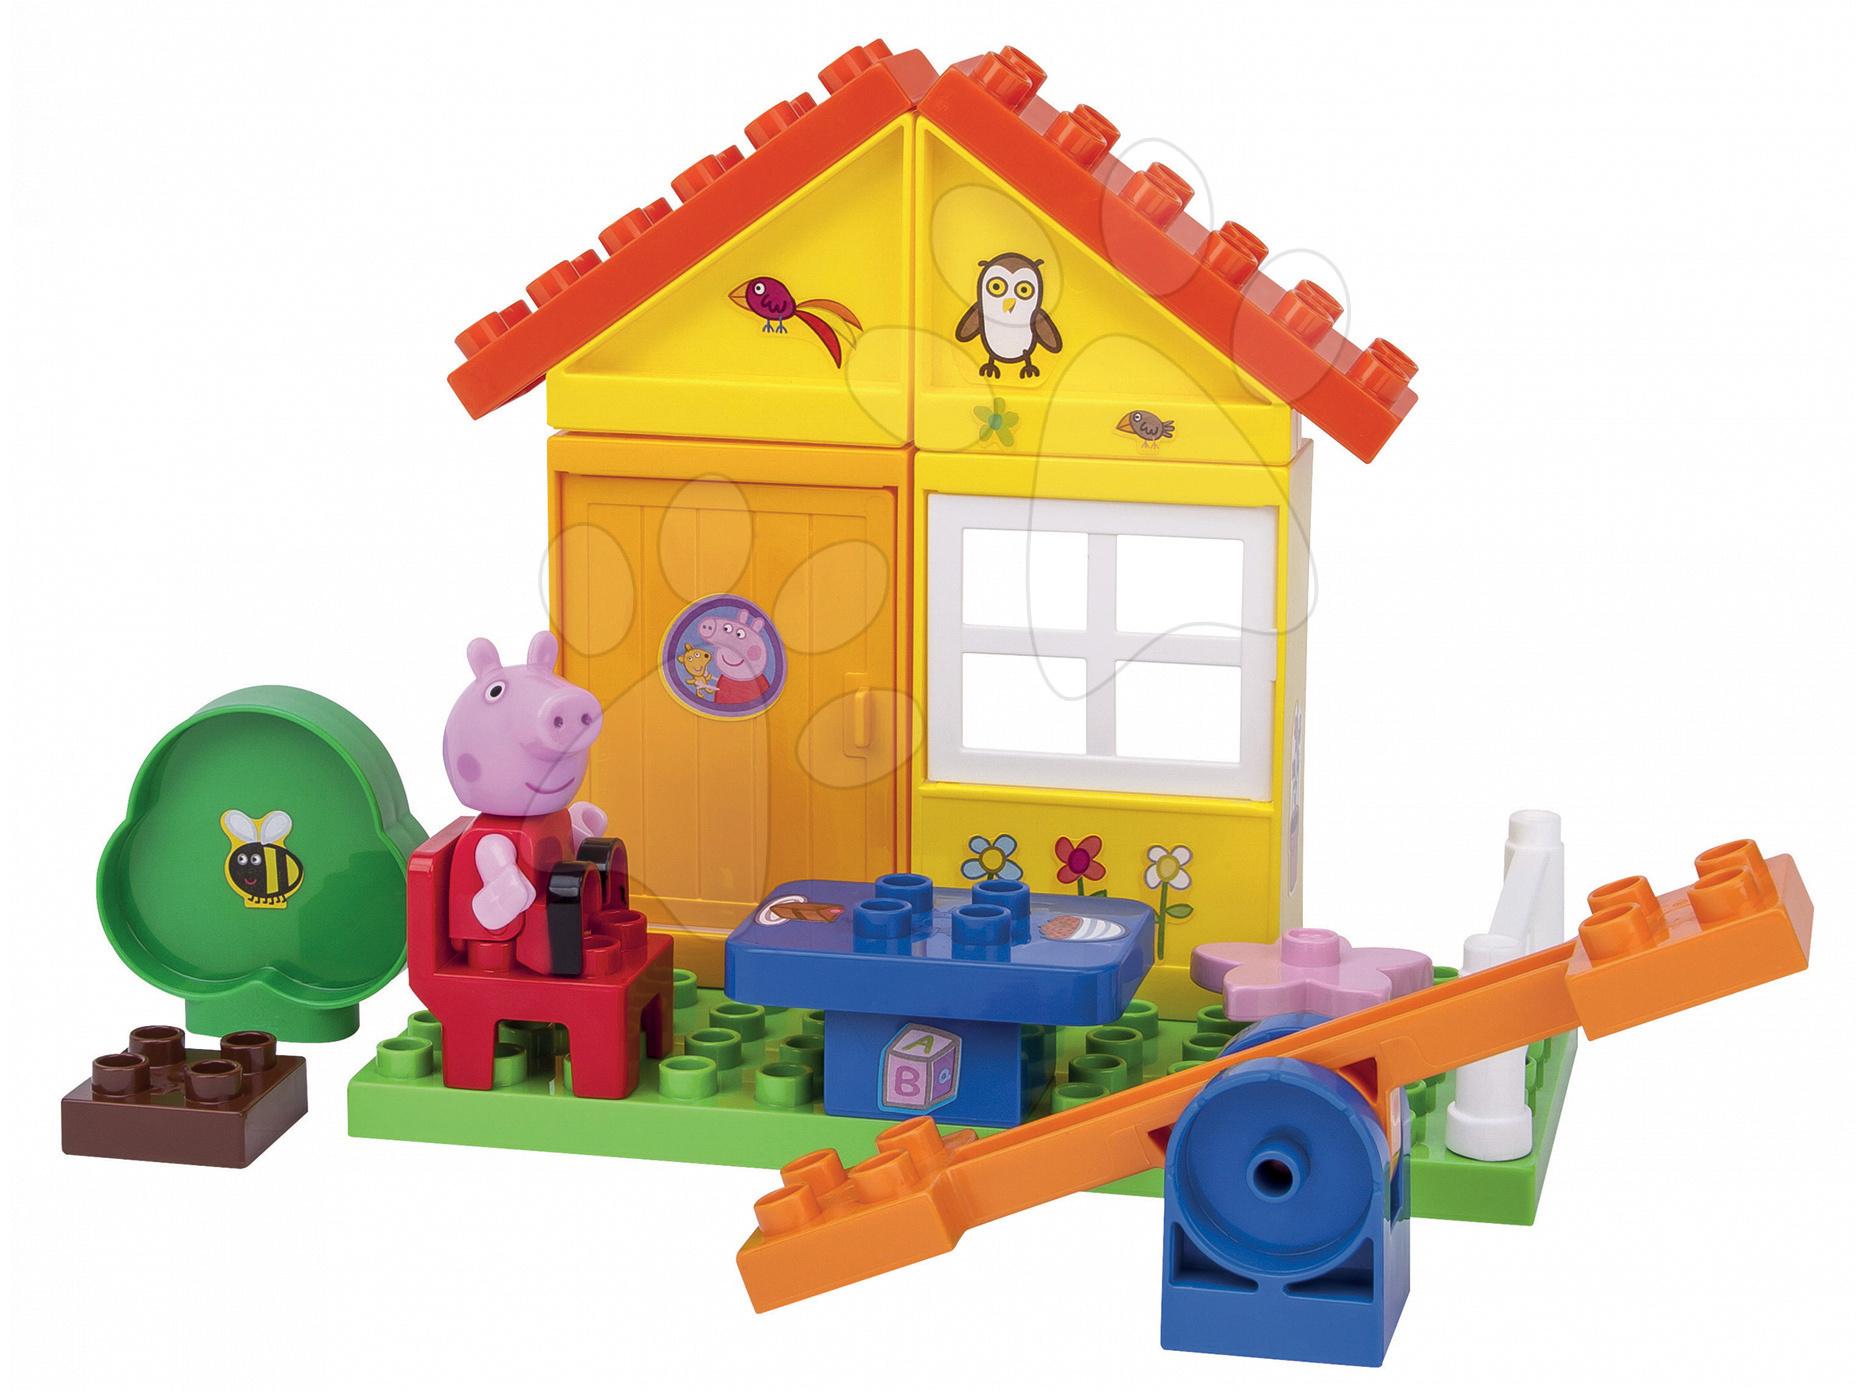 Stavebnice Peppa Pig v zahradě PlayBIG Bloxx BIG s 1 figurkou 29 dílů od 1,5-5 let